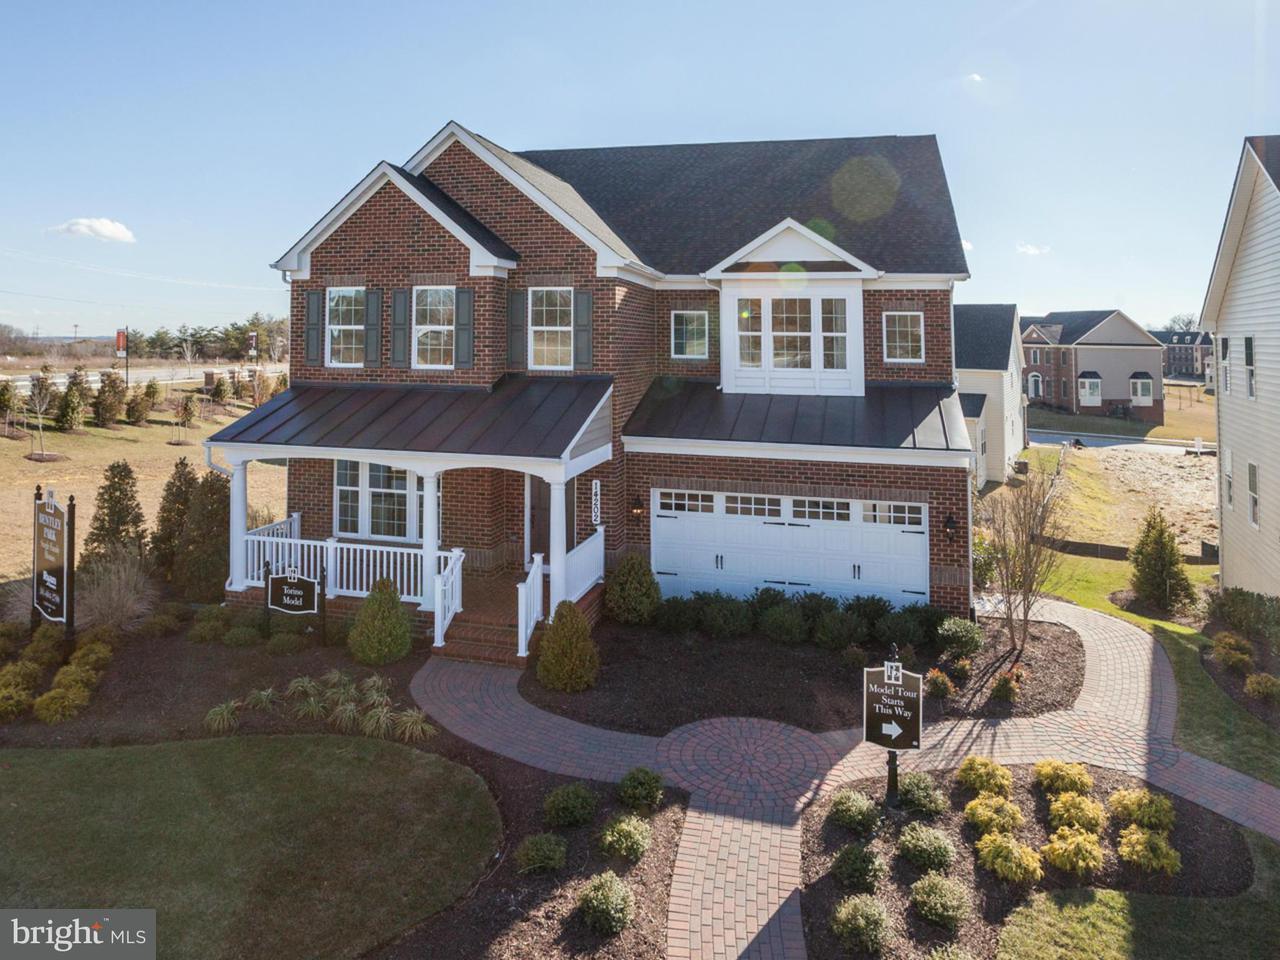 단독 가정 주택 용 매매 에 14610 BENTLEY PARK Drive 14610 BENTLEY PARK Drive Burtonsville, 메릴랜드 20866 미국